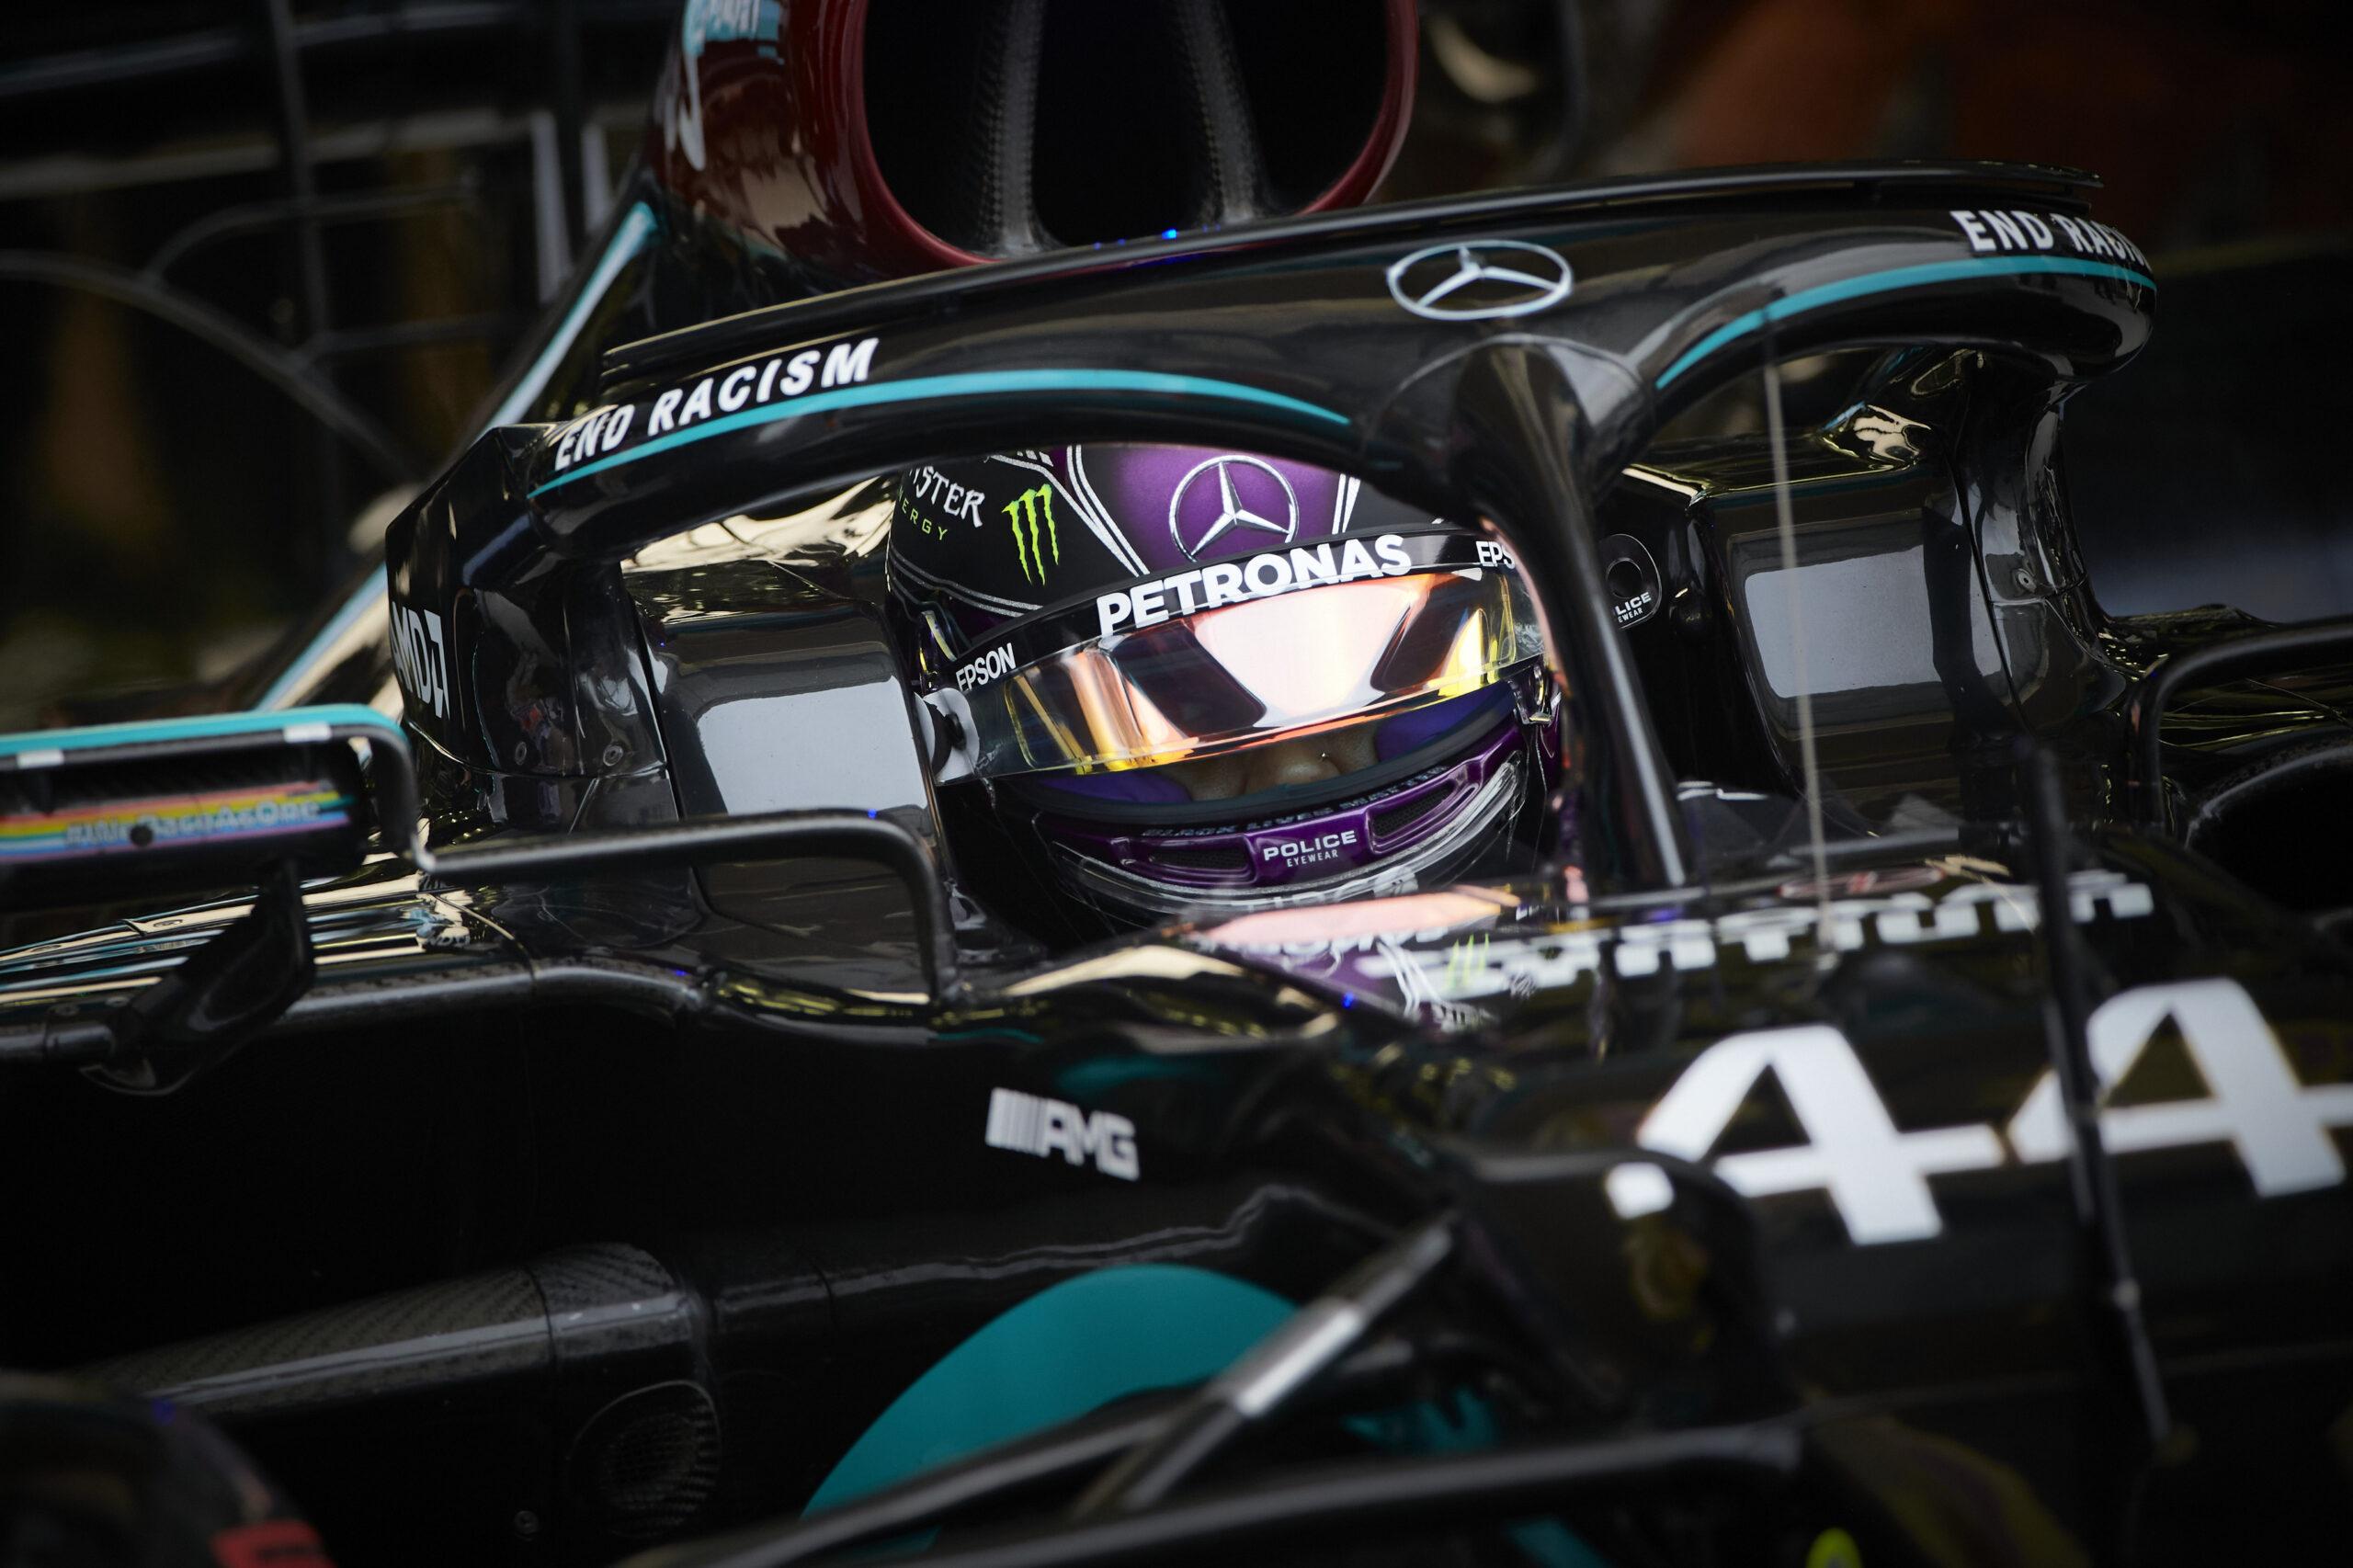 Lewis-Hamilton-startet-nicht-beim-n-chsten-F1-Rennen